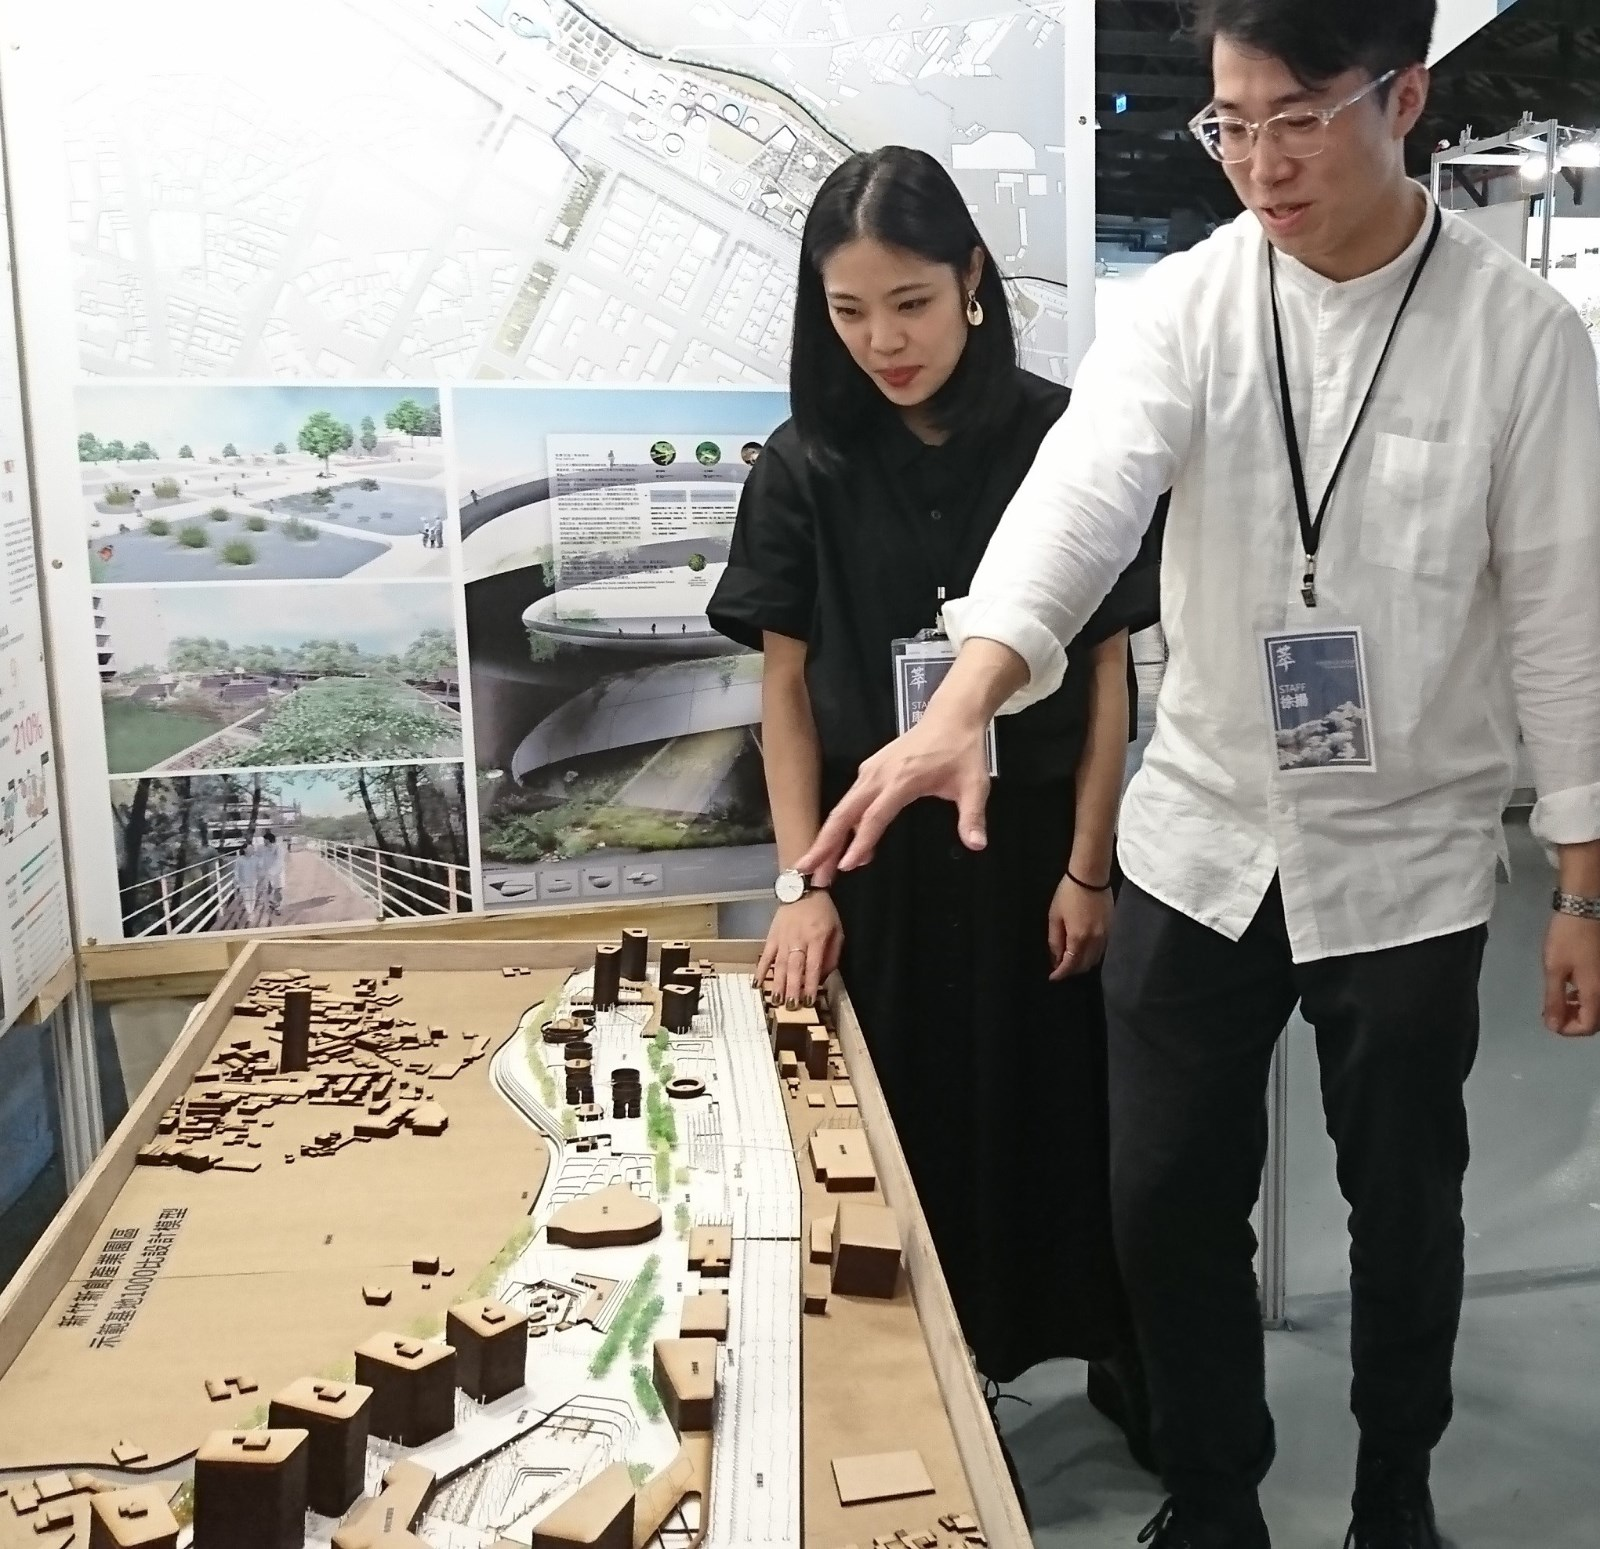 中原景觀學生康心品(左)和陸生徐揚合力擘劃新竹未來創新城市的藍圖。.JPG